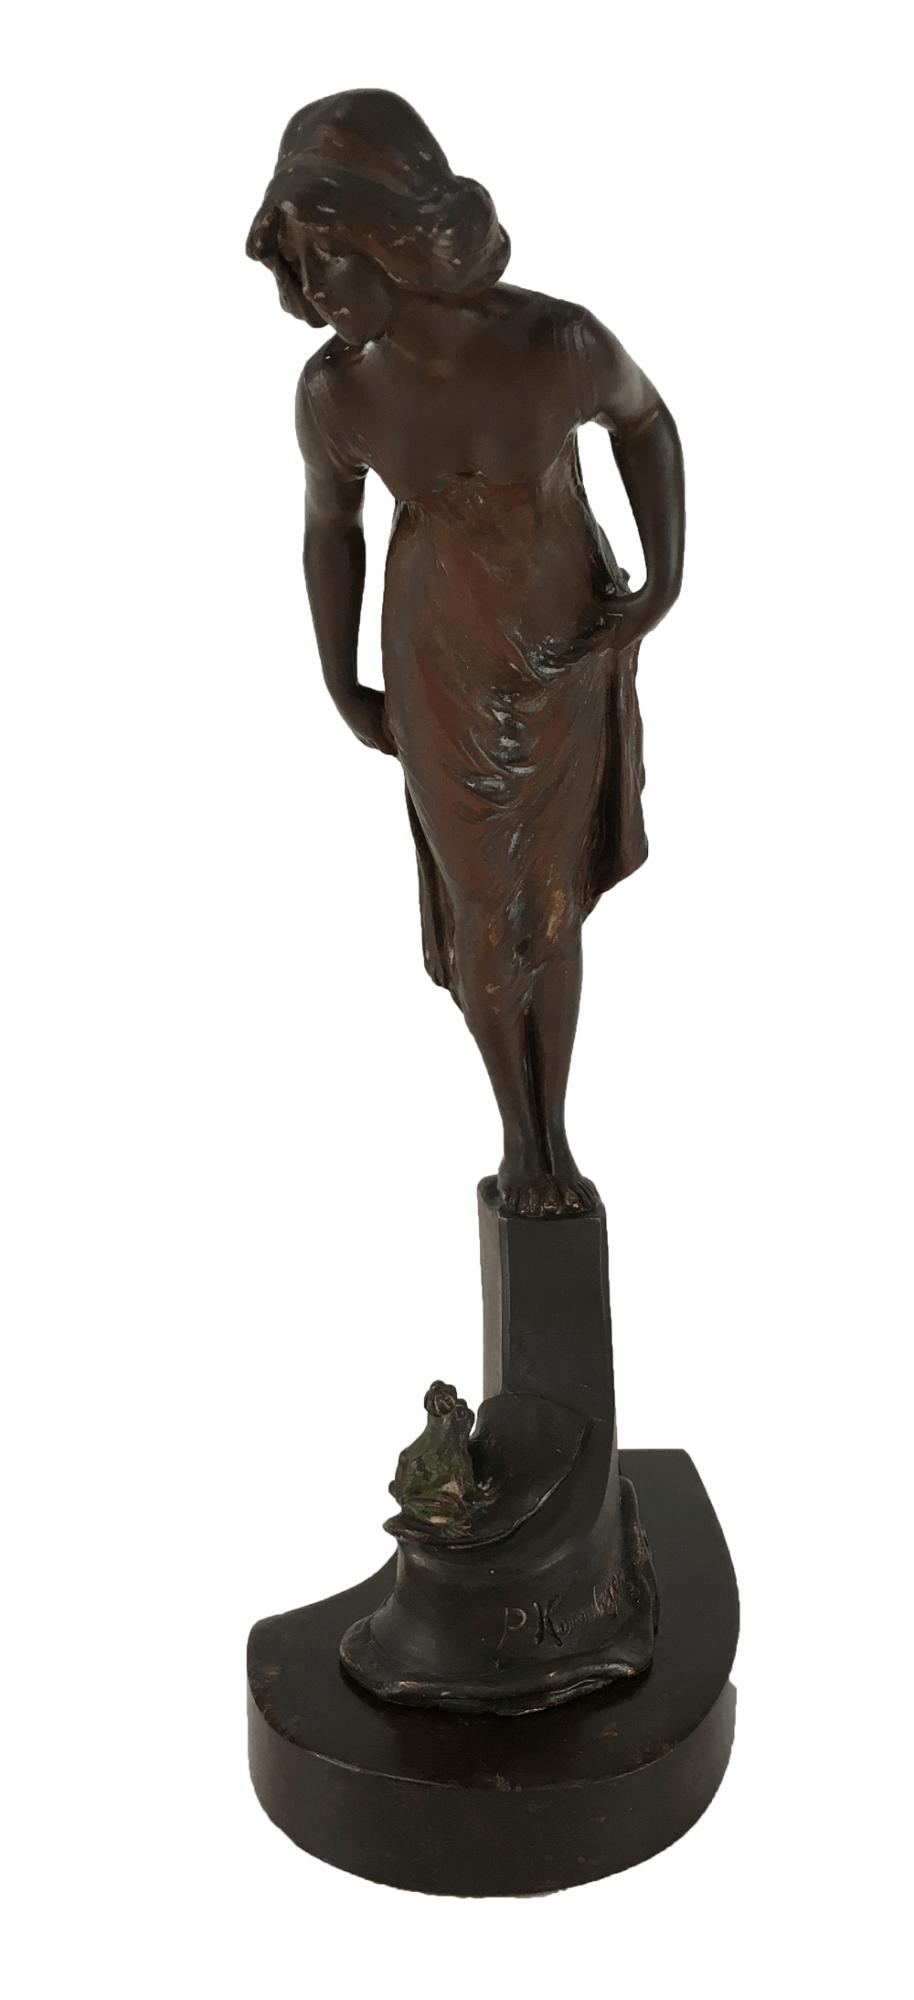 Antiga Escultura De Bronze Art Noveau Europeia Assinado